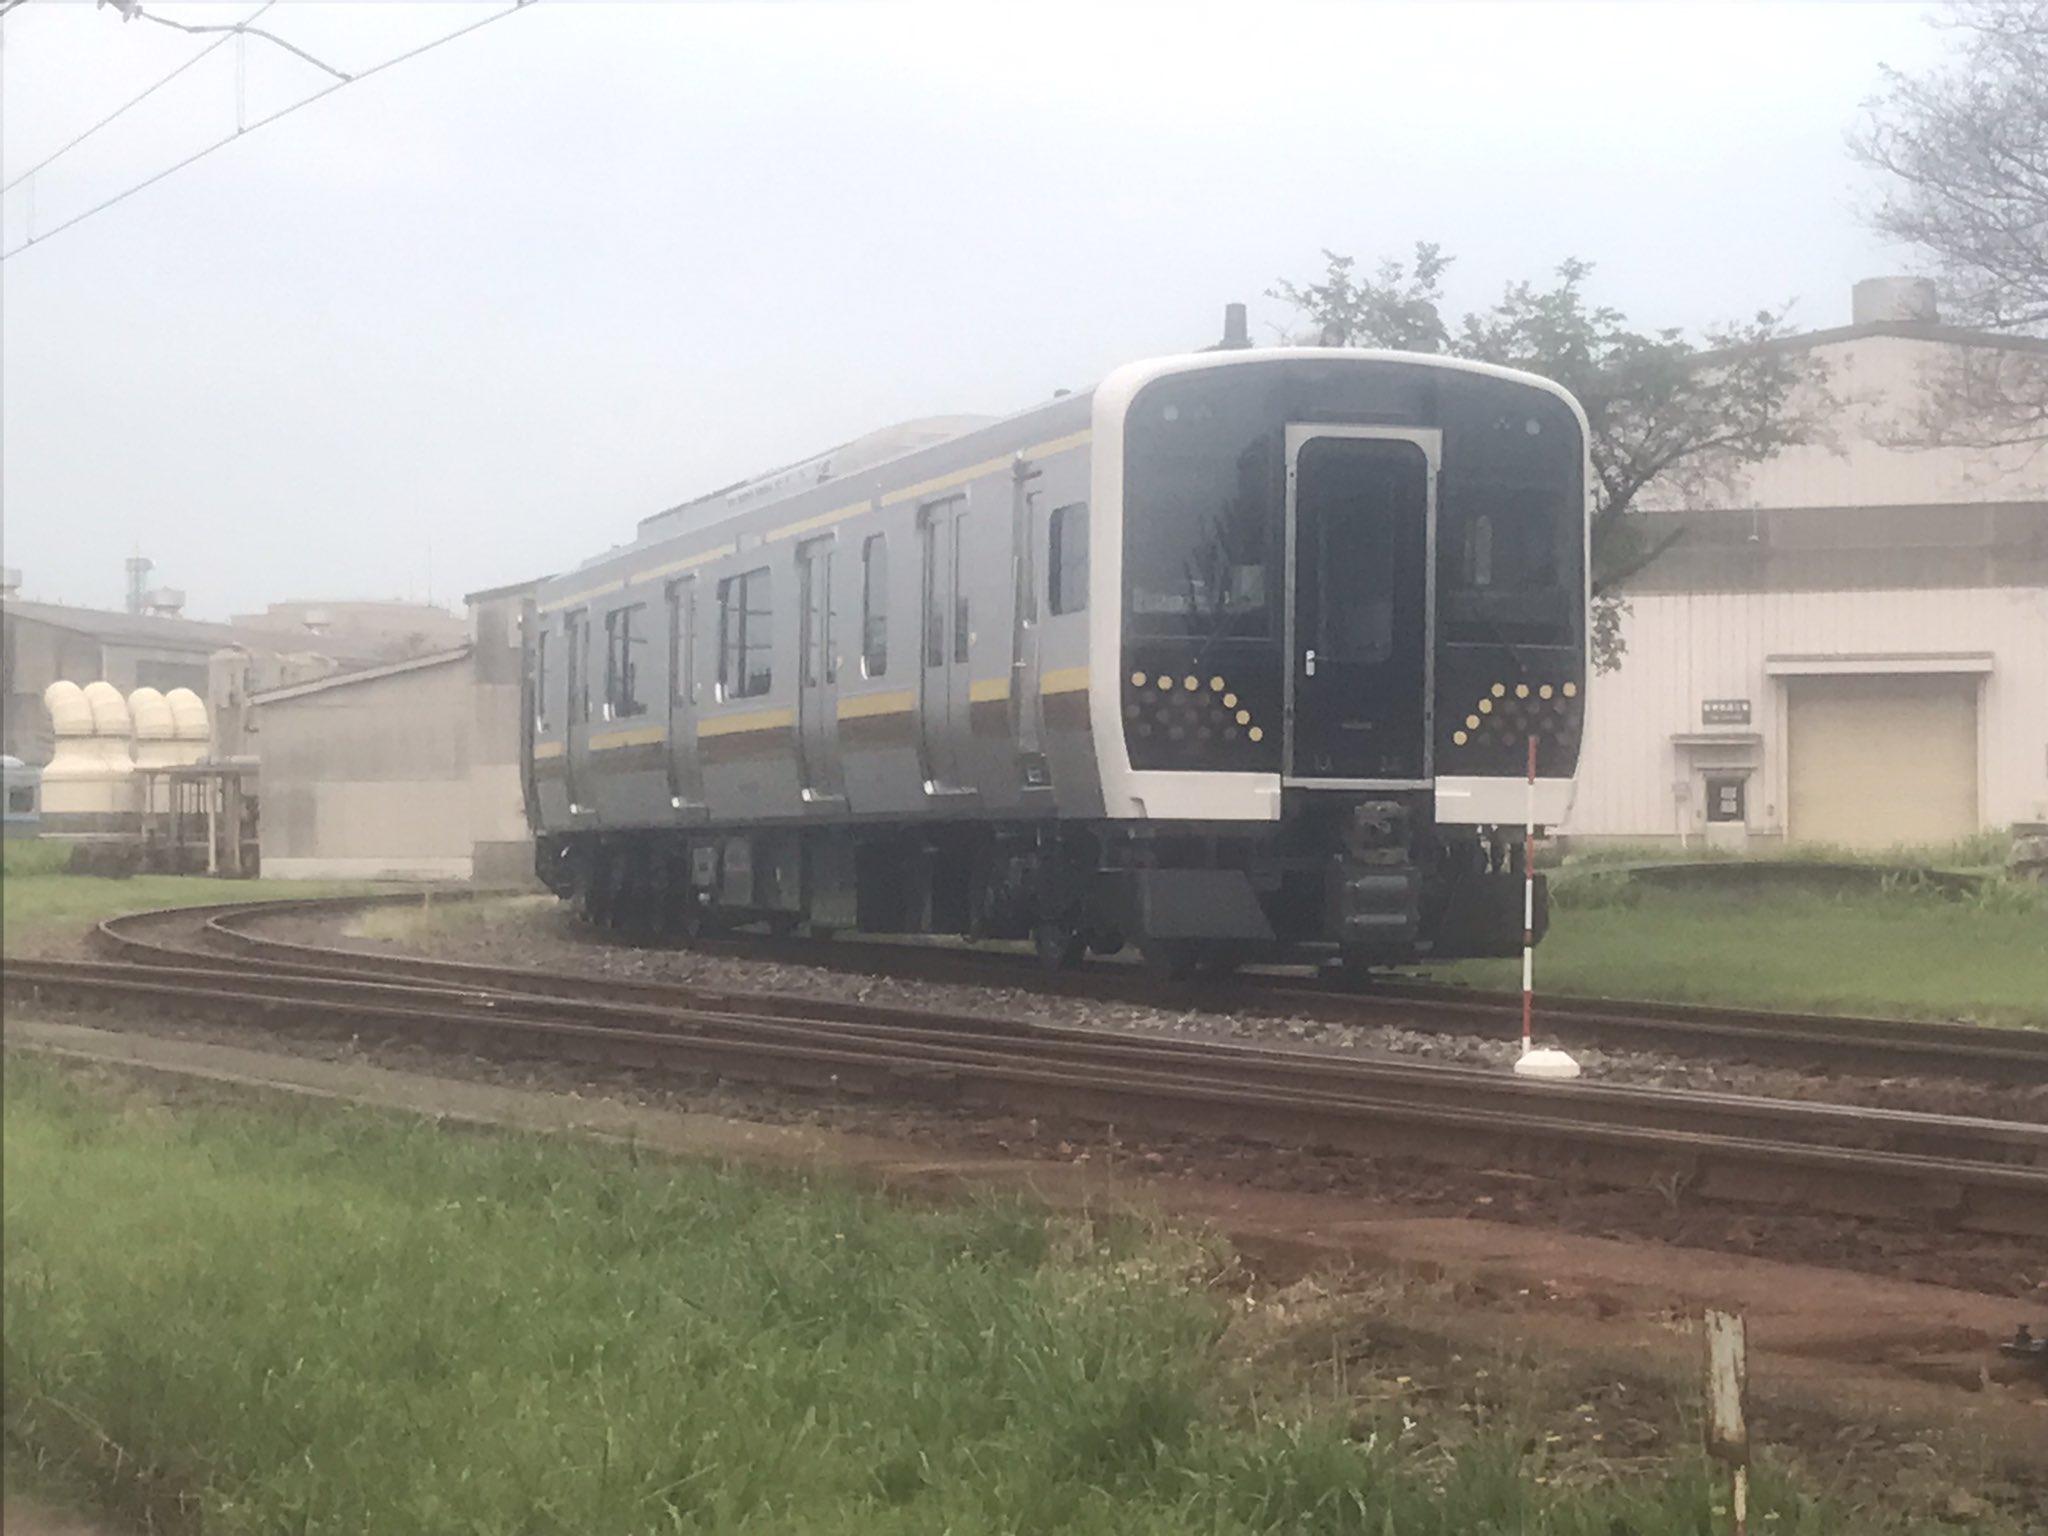 【日光線・宇都宮線】新型車両E131系500番台の出場はもうすぐか 先頭車両が目撃される